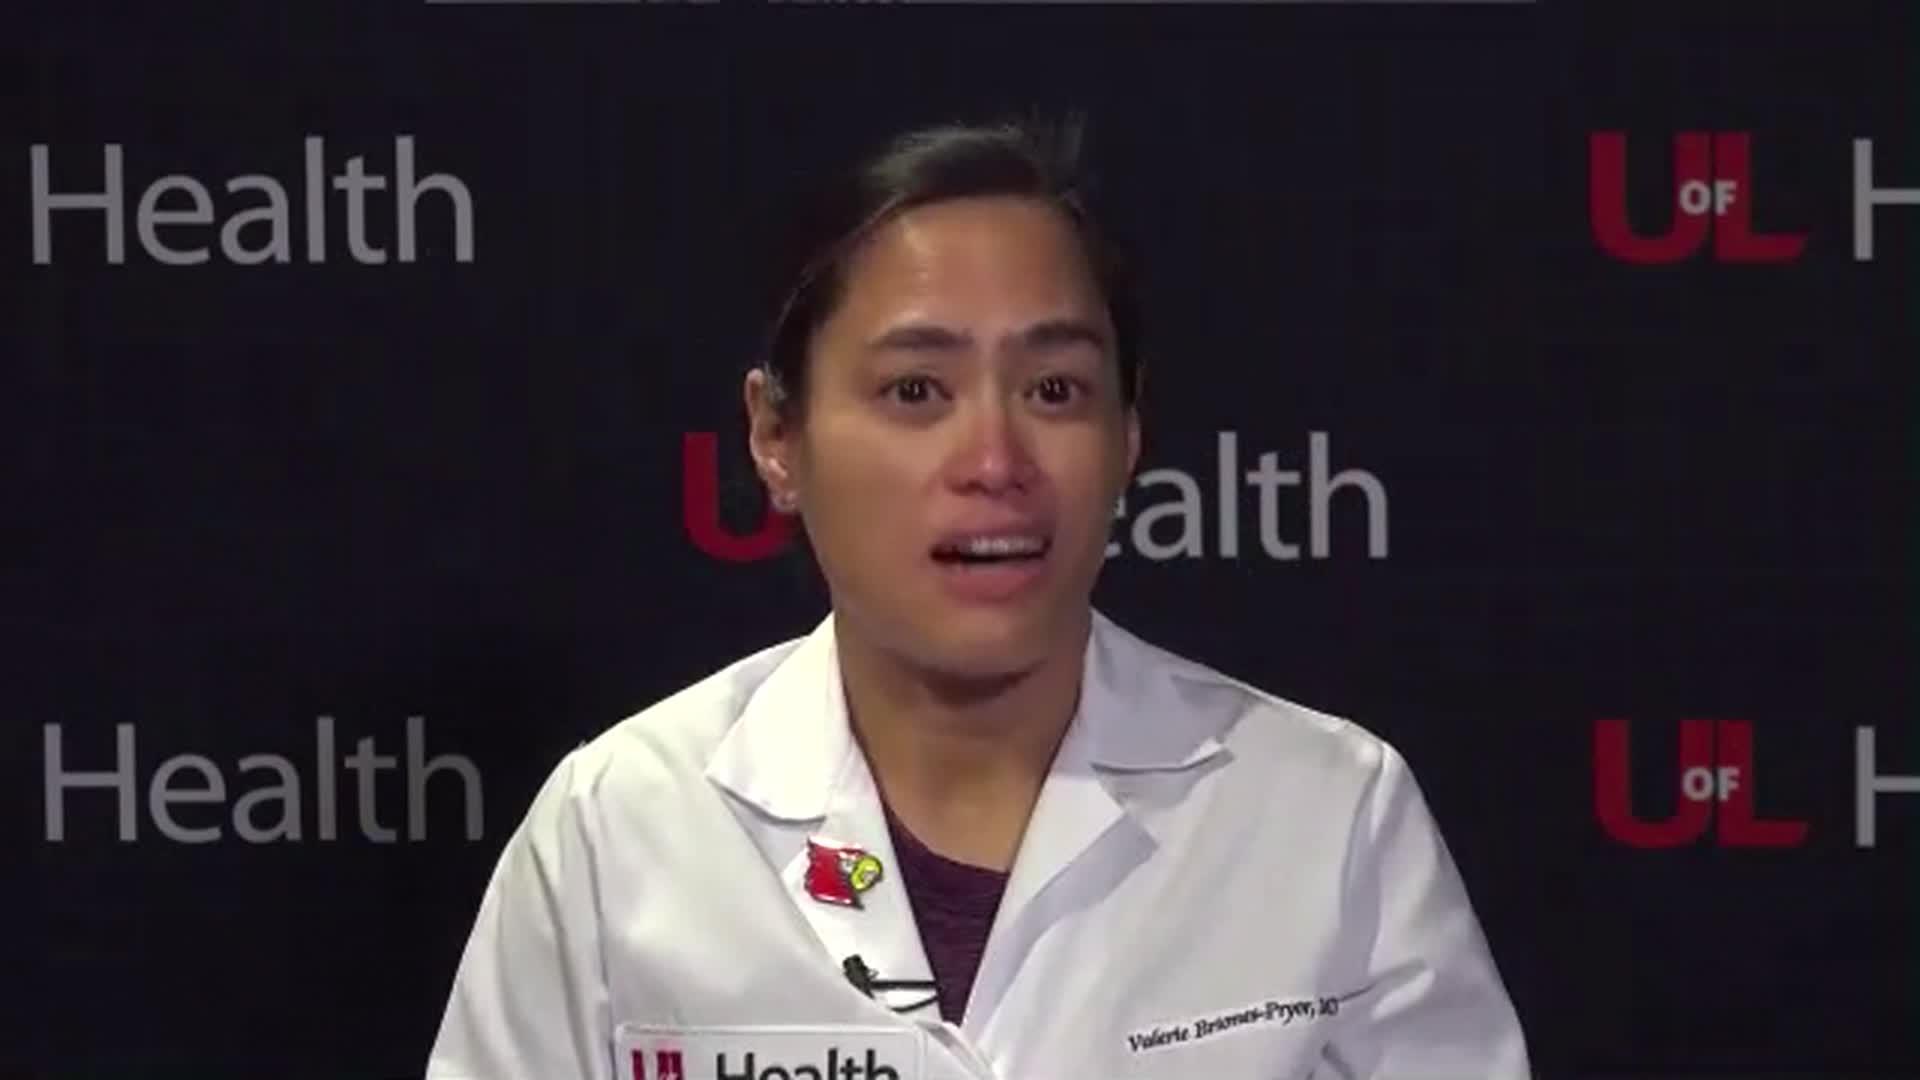 Dr. Valerie Briones-Pryor speaks during an interview on December 15.